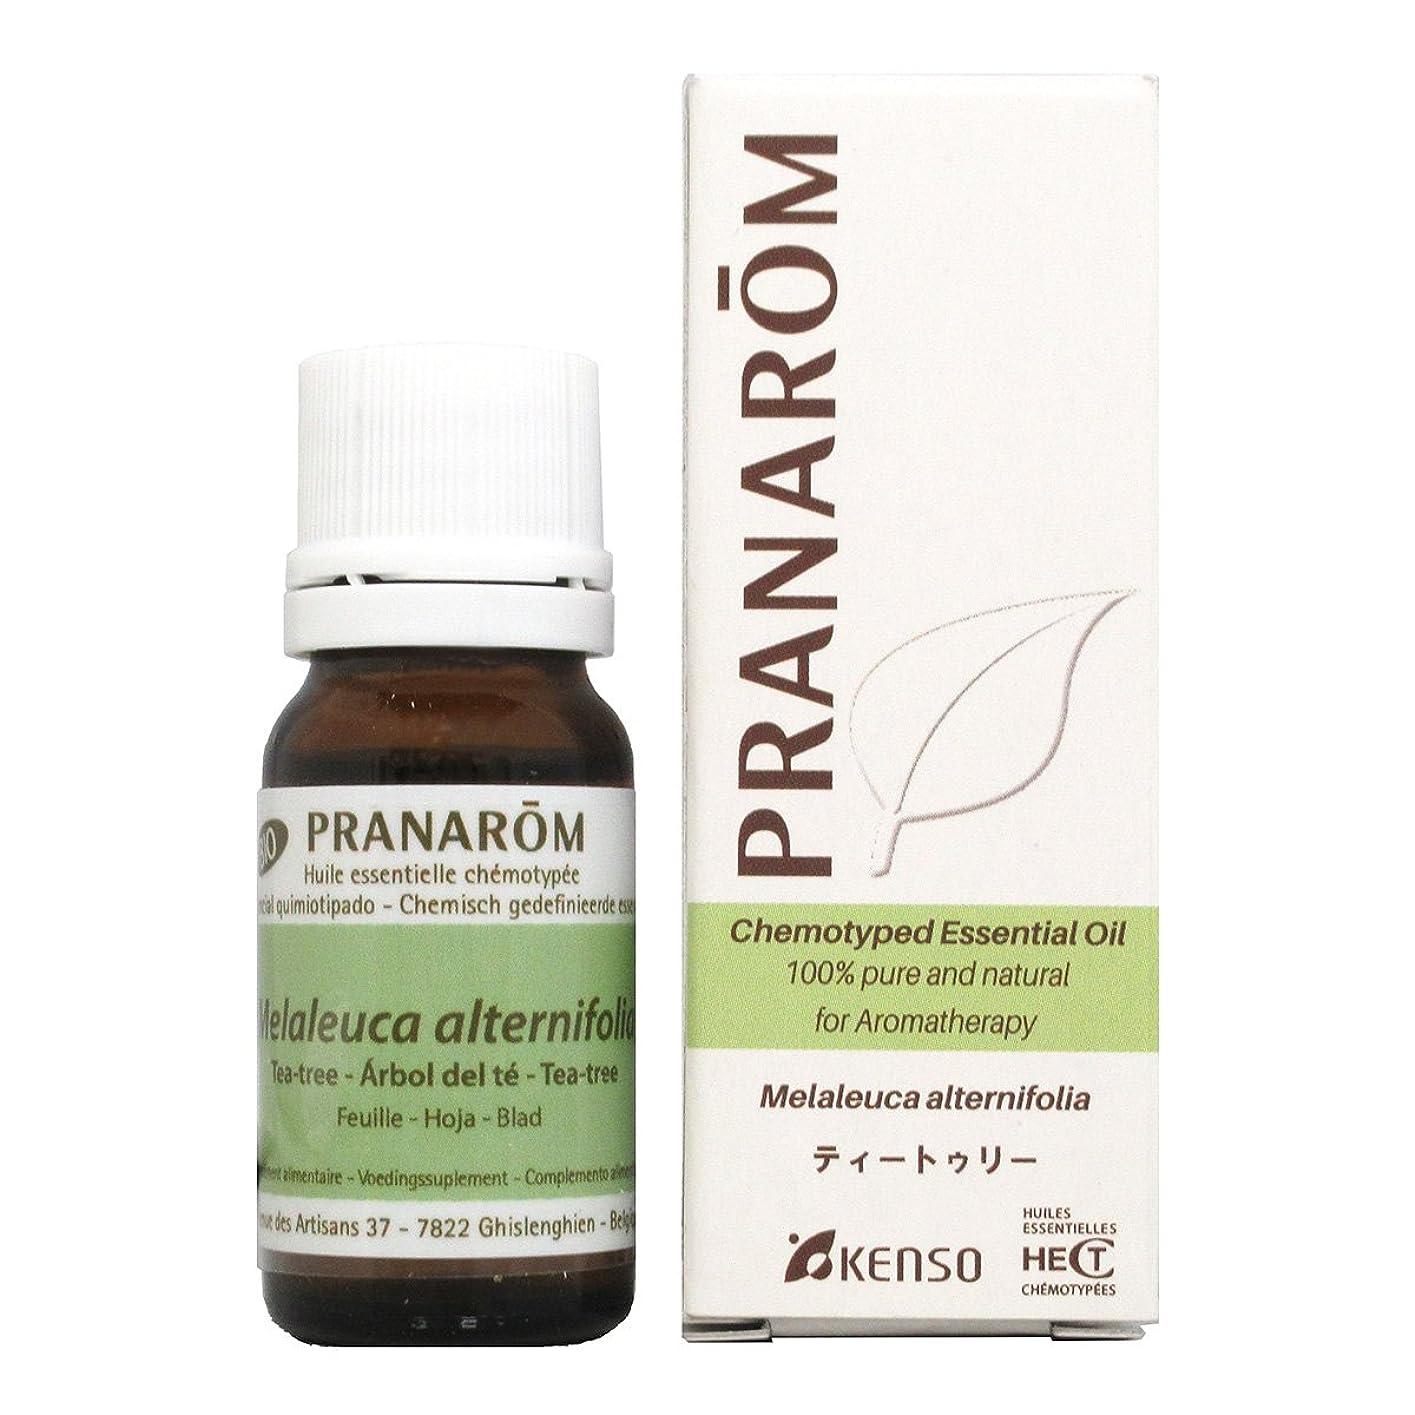 アスリート特許印象的な【ティートリー 10ml】→フレッシュでスパイシーな香り?(森林浴系)[PRANAROM(プラナロム)精油/アロマオイル/エッセンシャルオイル]P-109